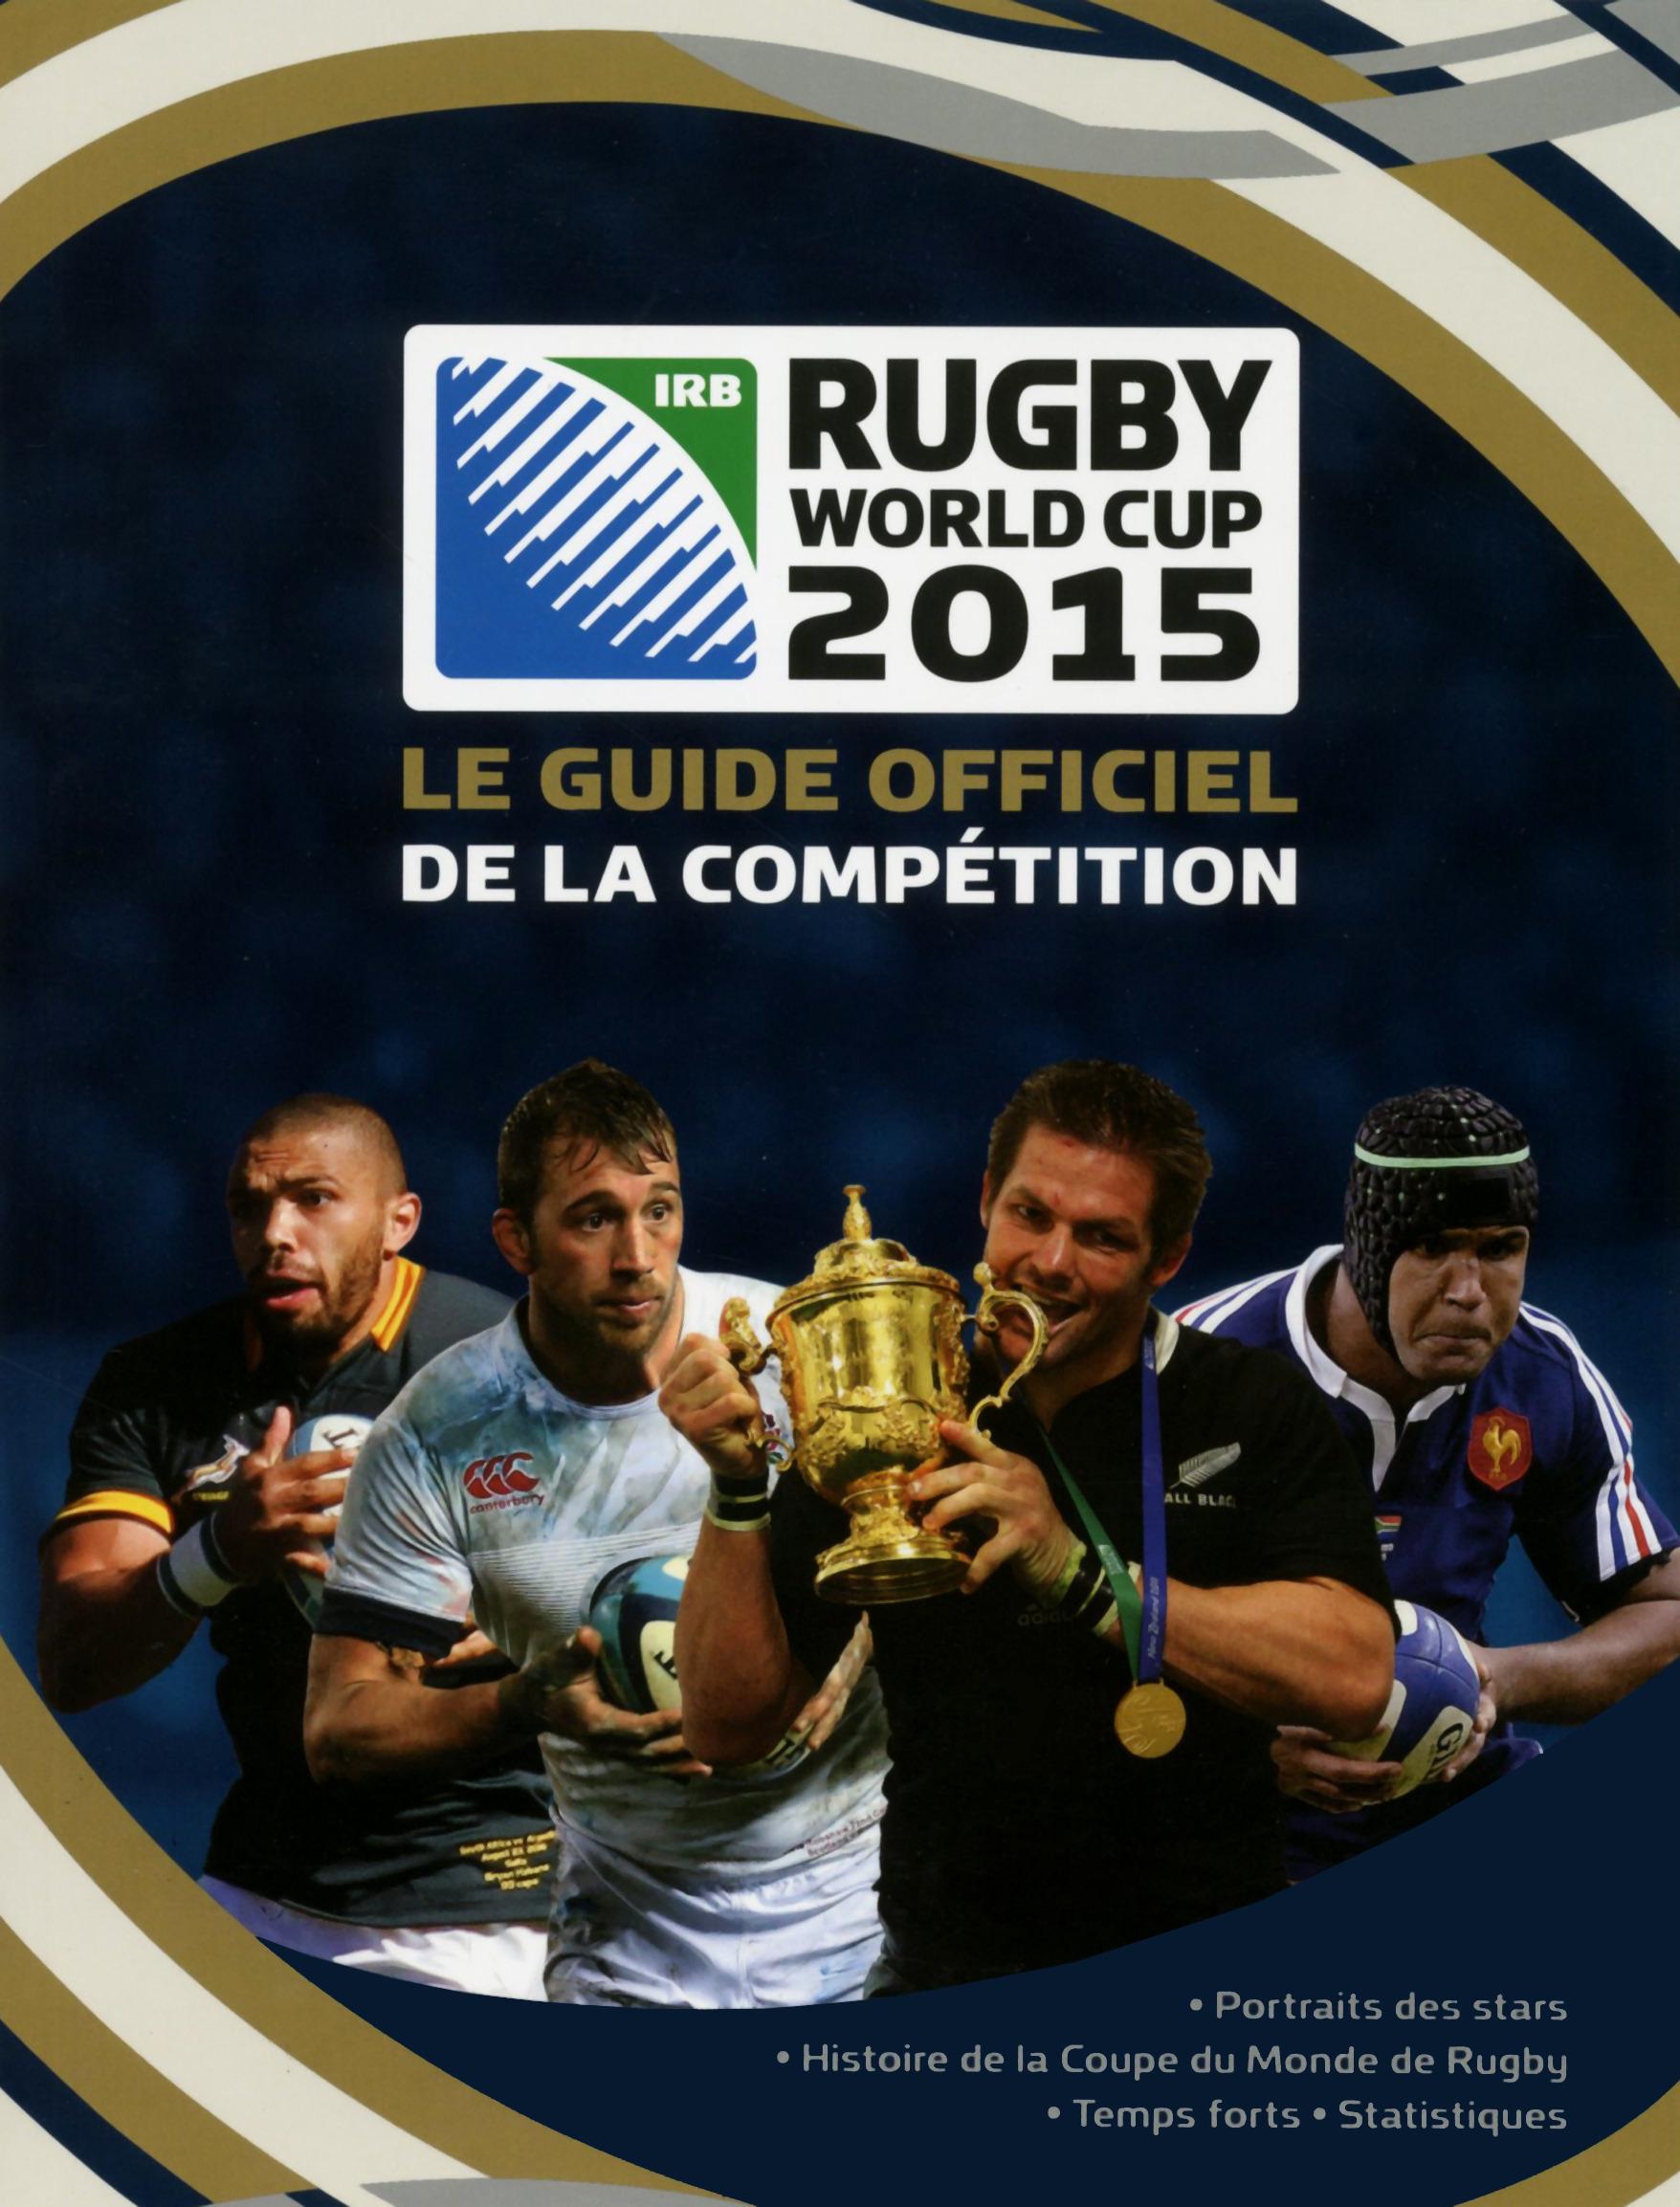 Coupe du monde de rugby 2015 le guide officiel de la - Dates de la coupe du monde de rugby 2015 ...